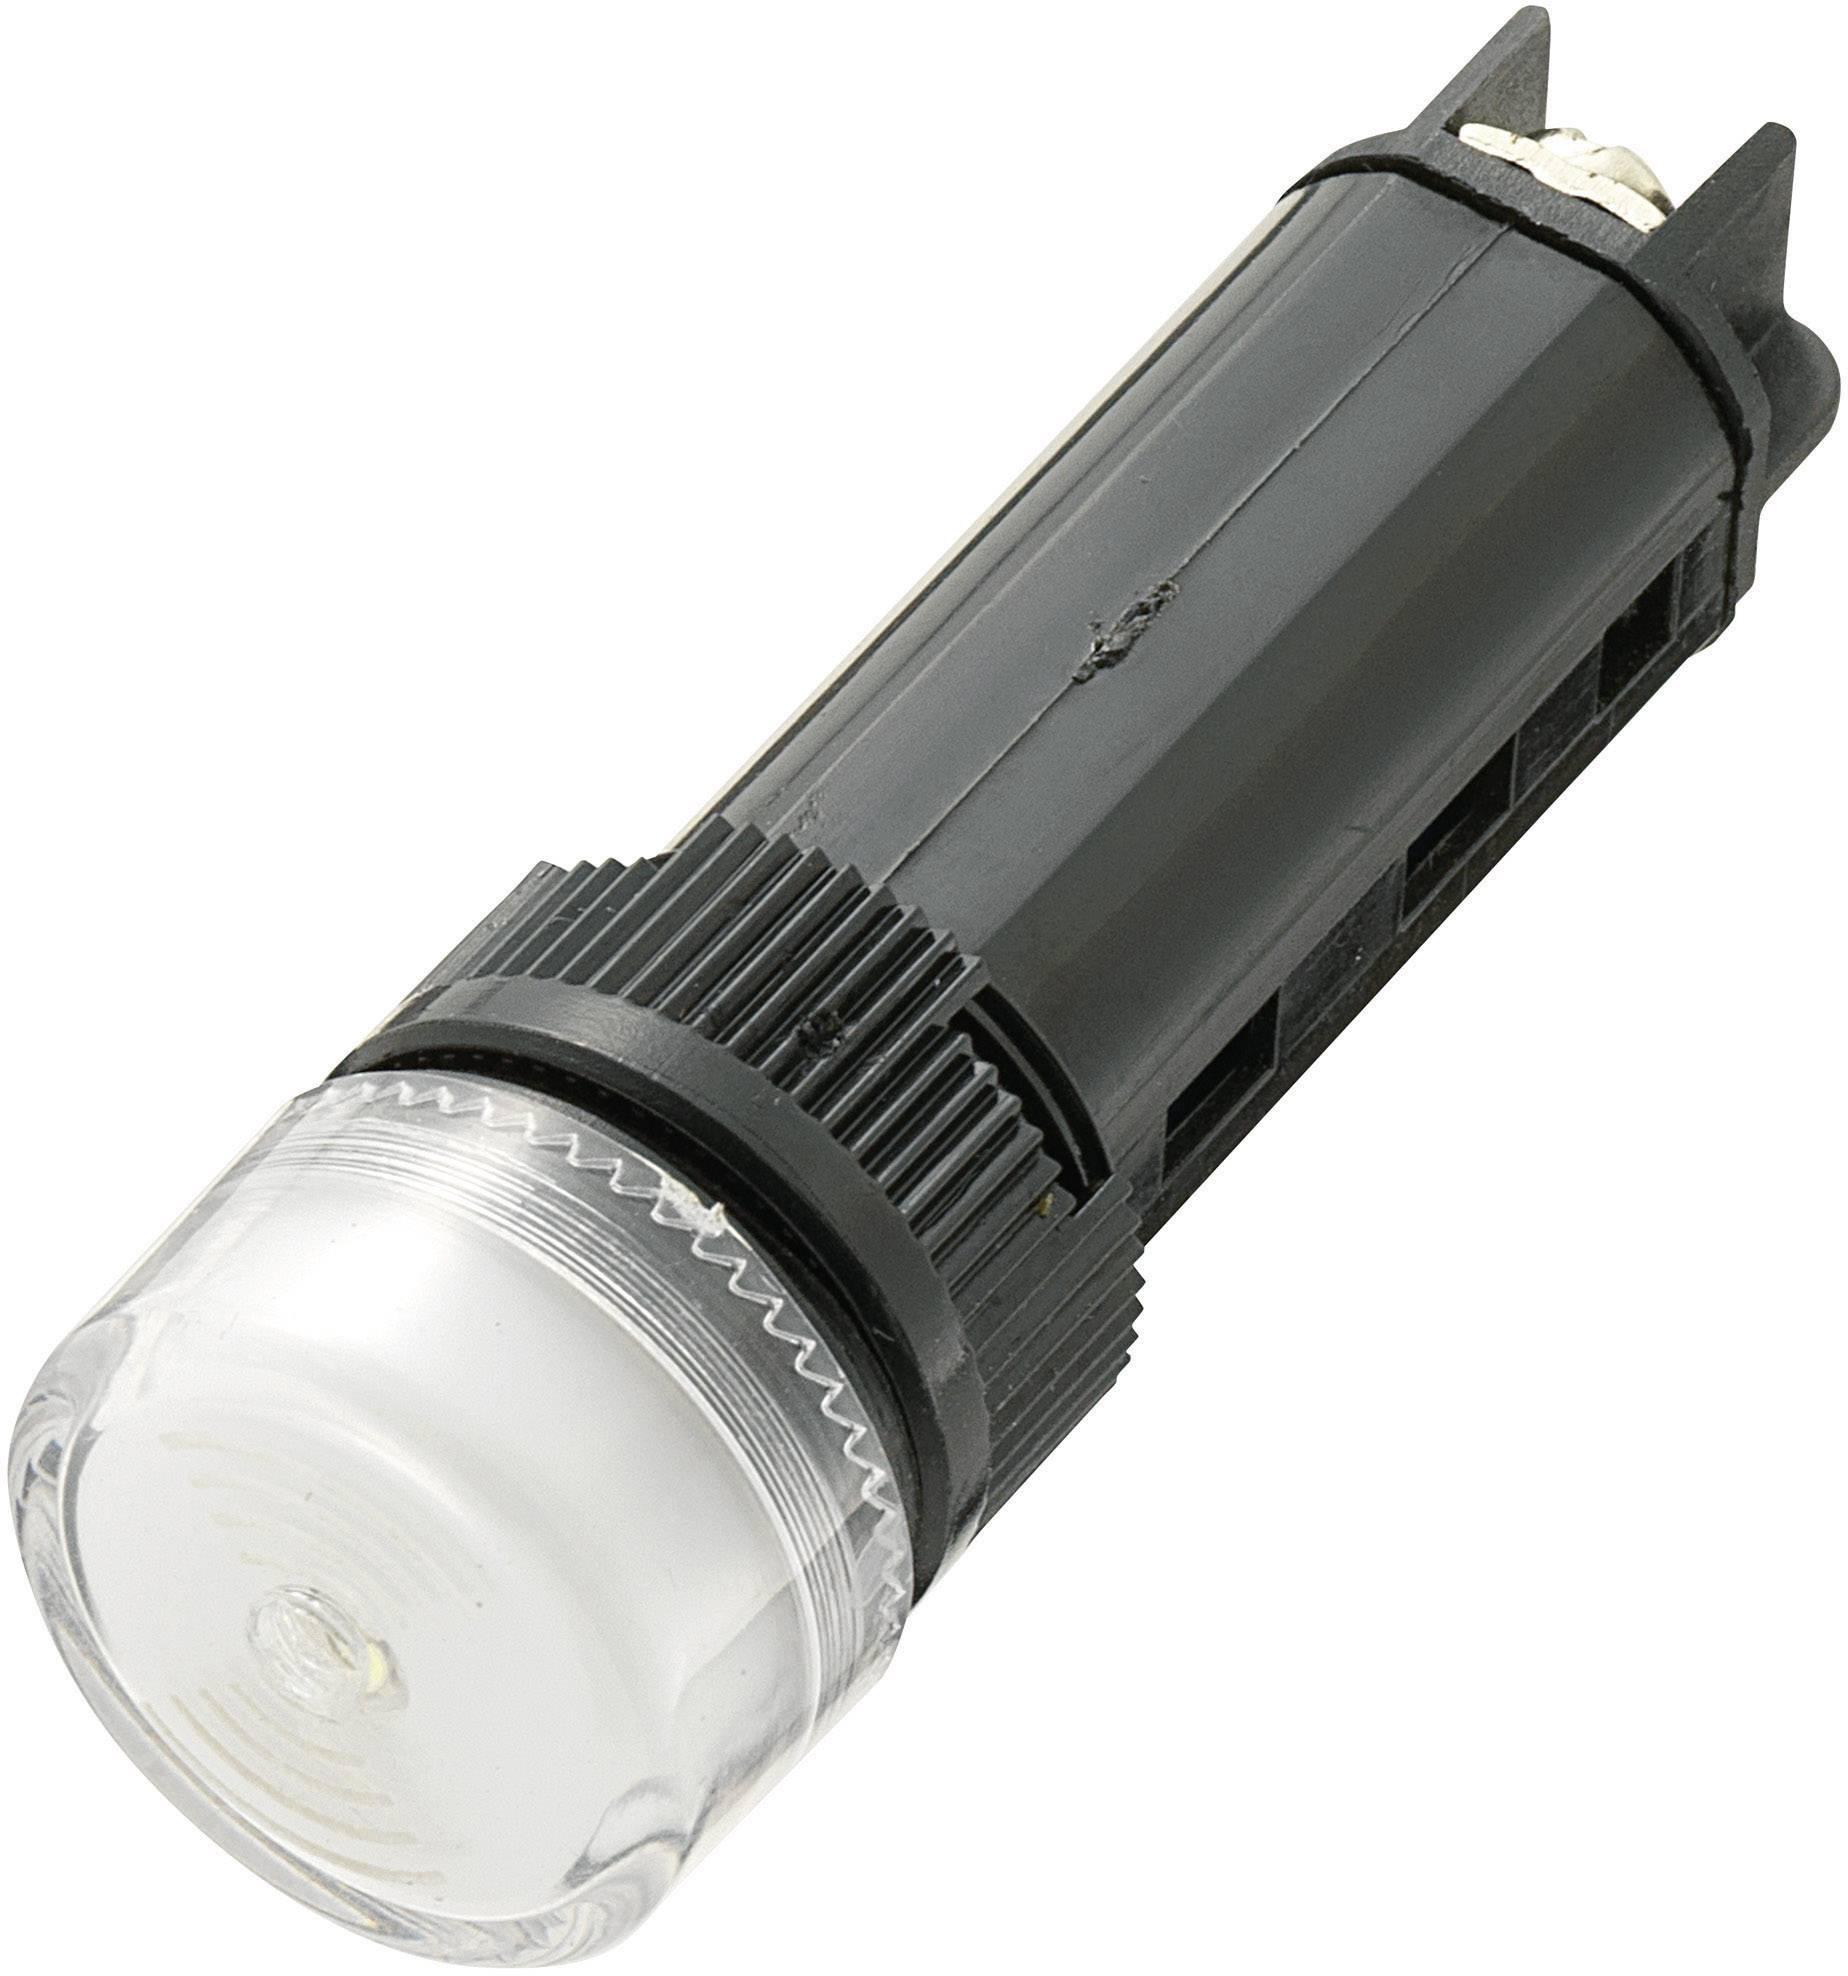 Sirénka, 80 dB 24 V/DC, bílá